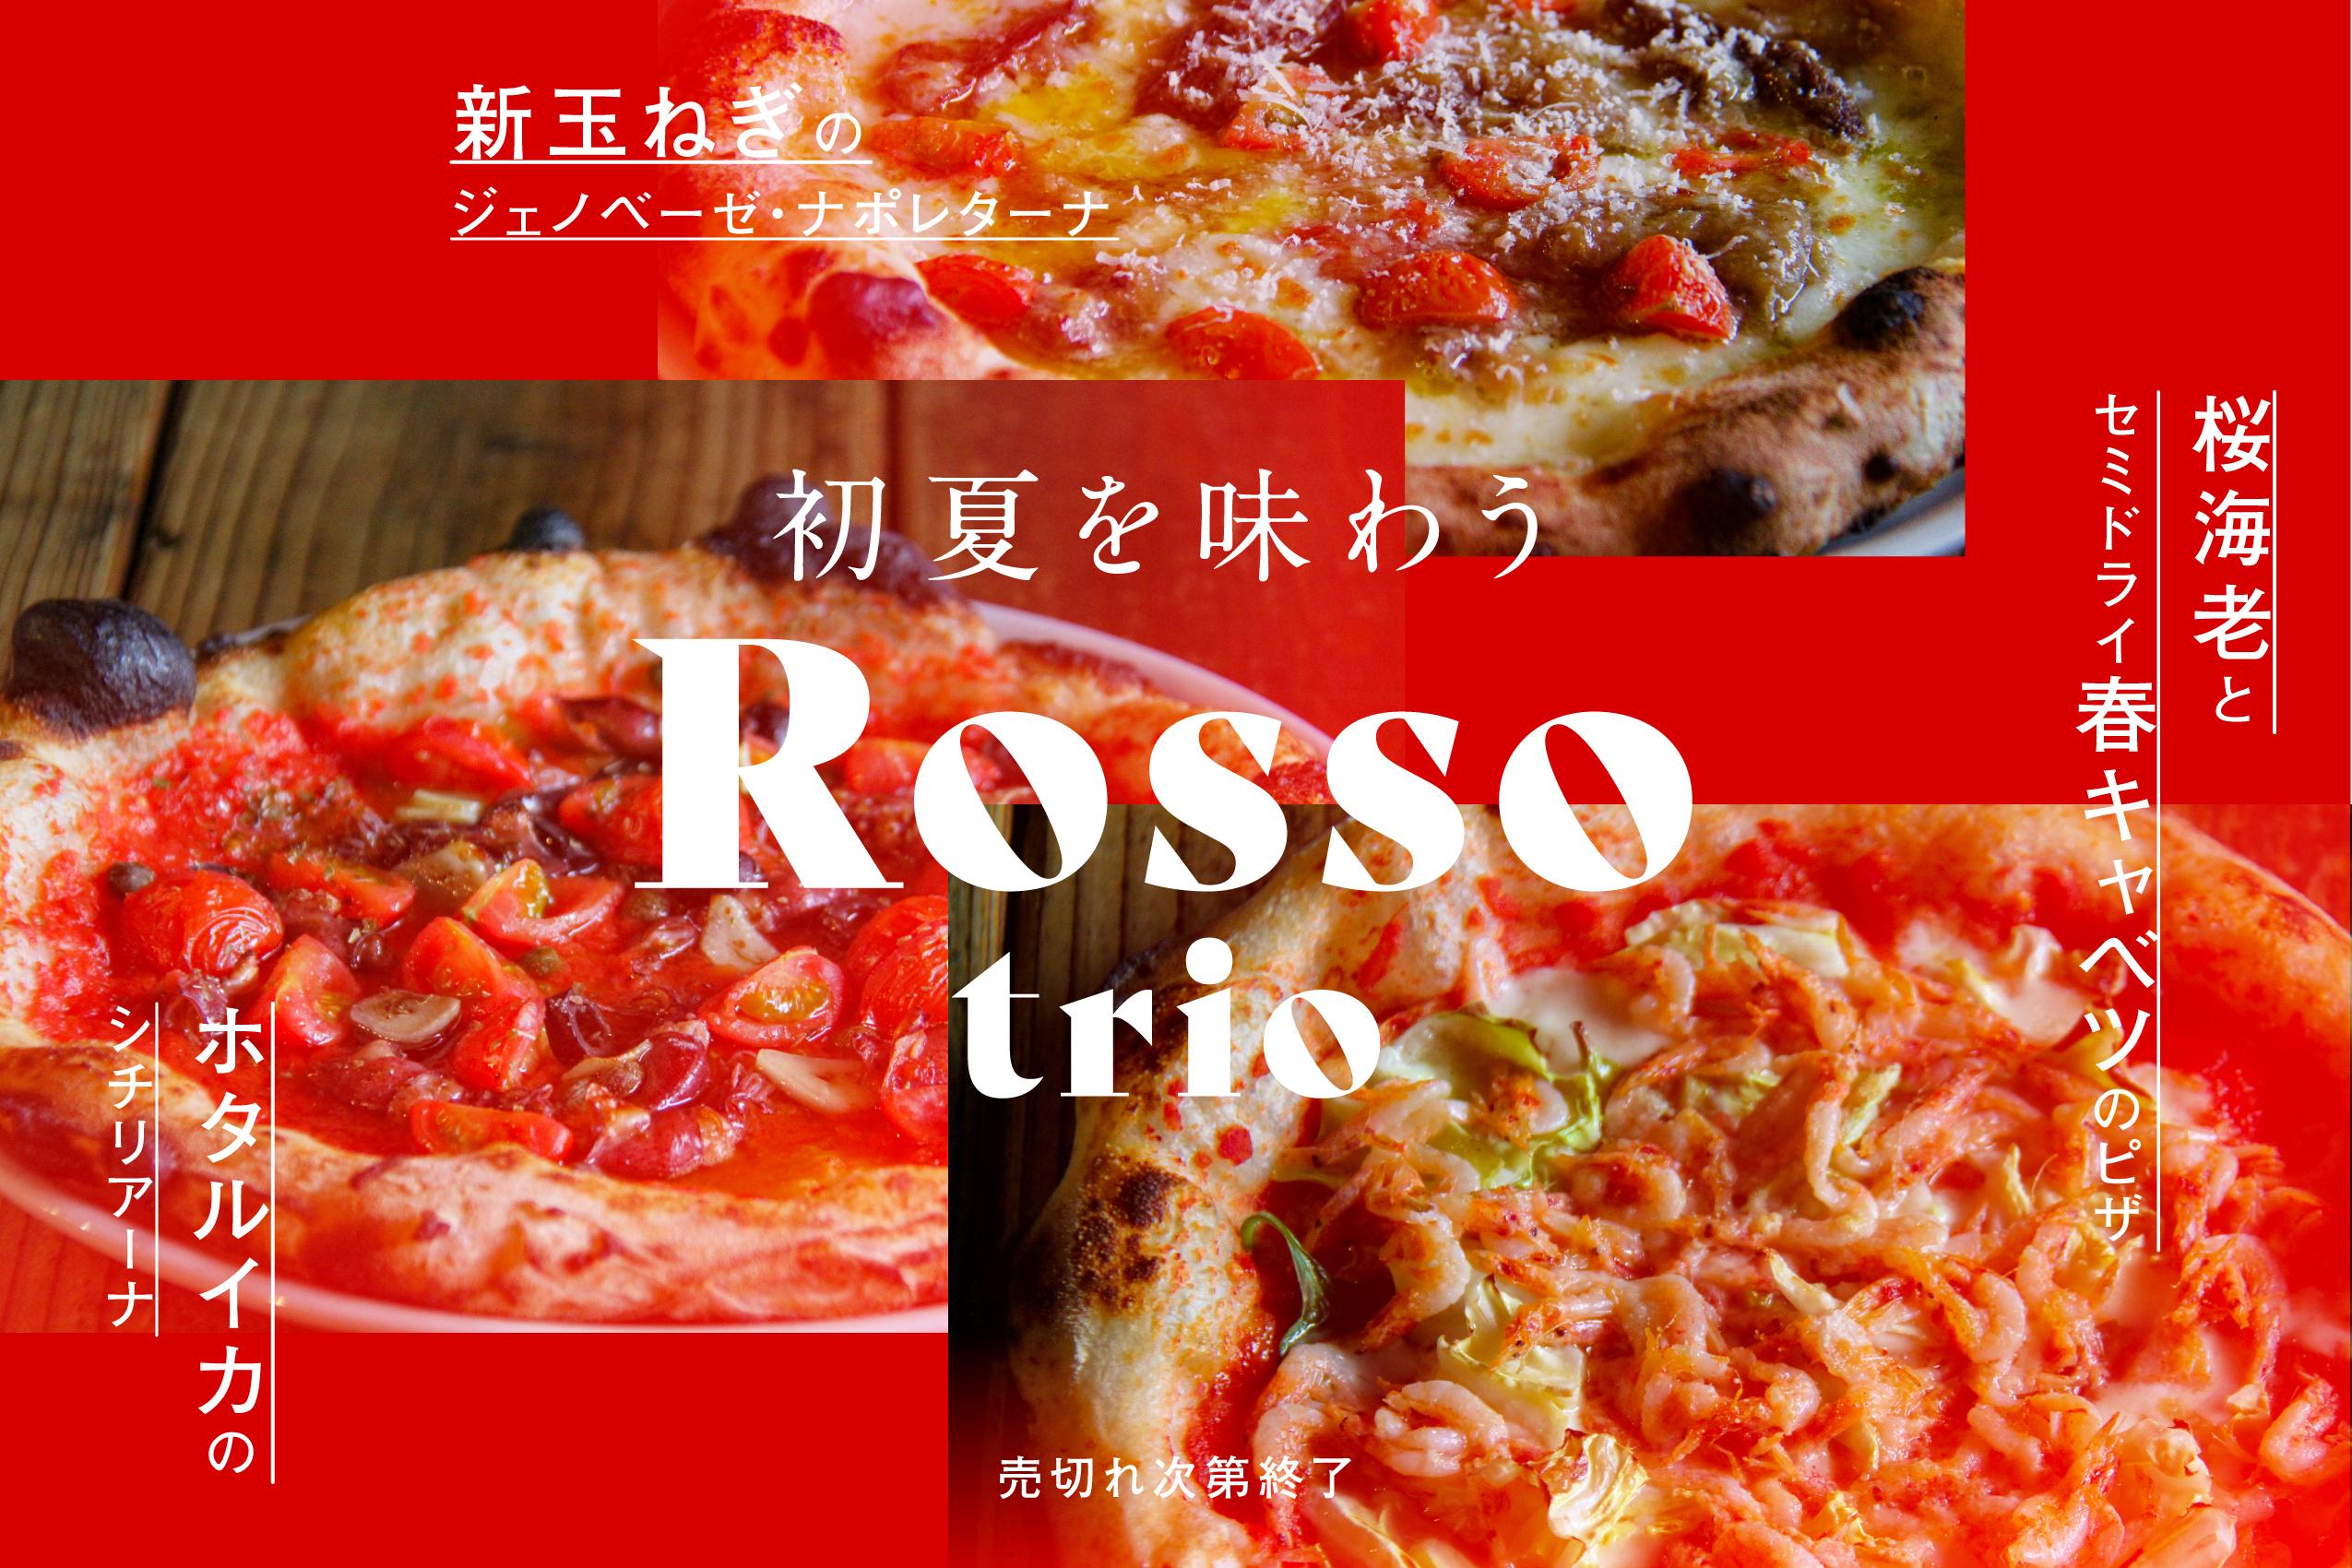 初夏を味わう季節のおすすめ三枚セット『ロッソ・トリオ』✨